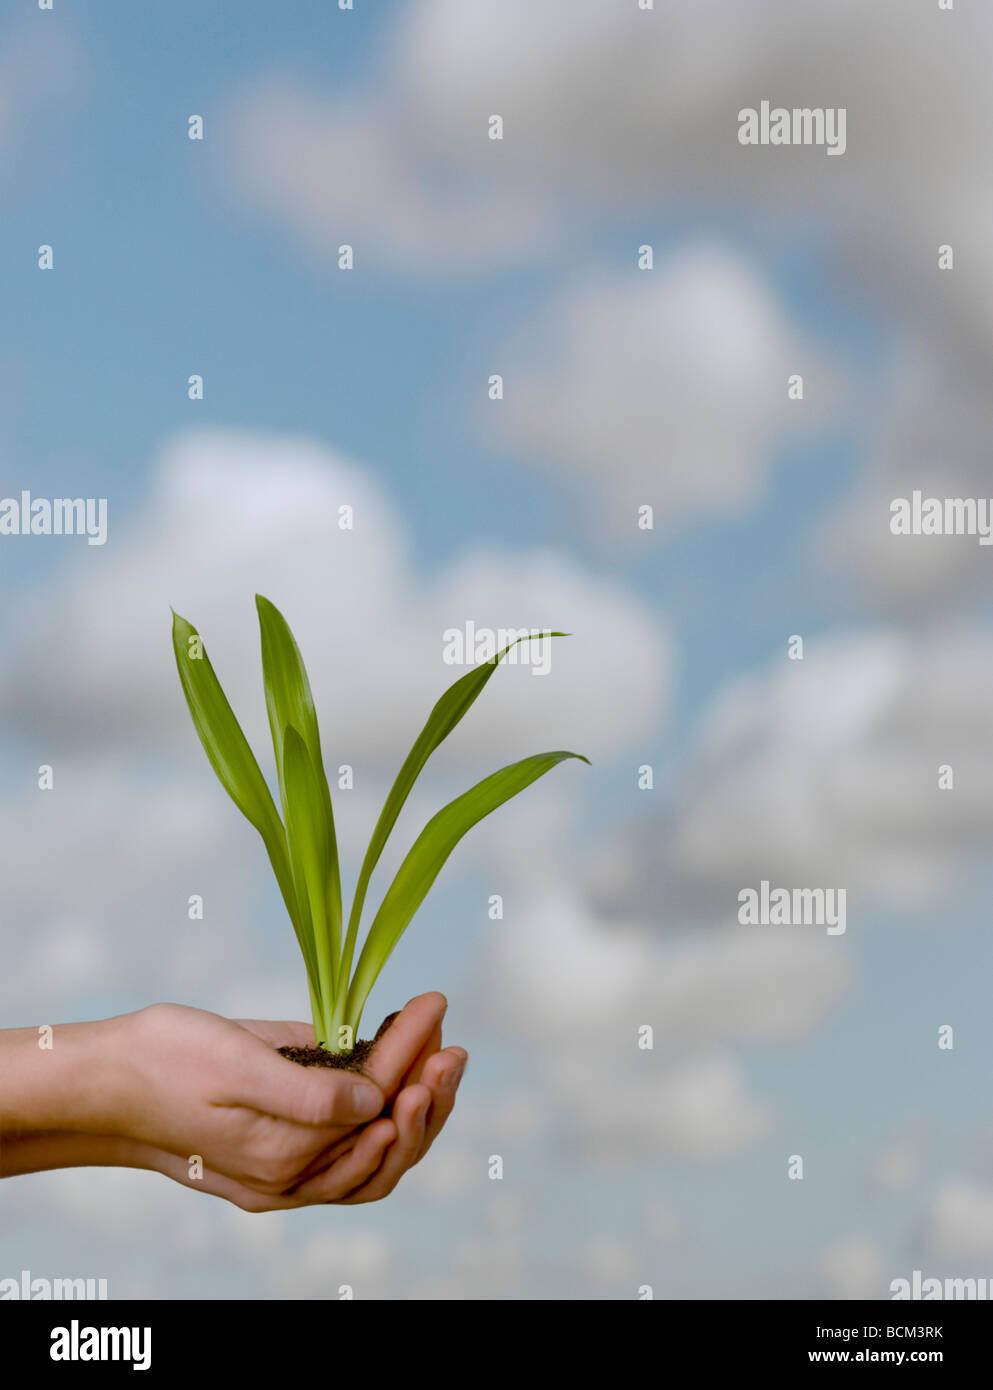 Mani tenendo il suolo e pianta contro un cielo sfondo Immagini Stock